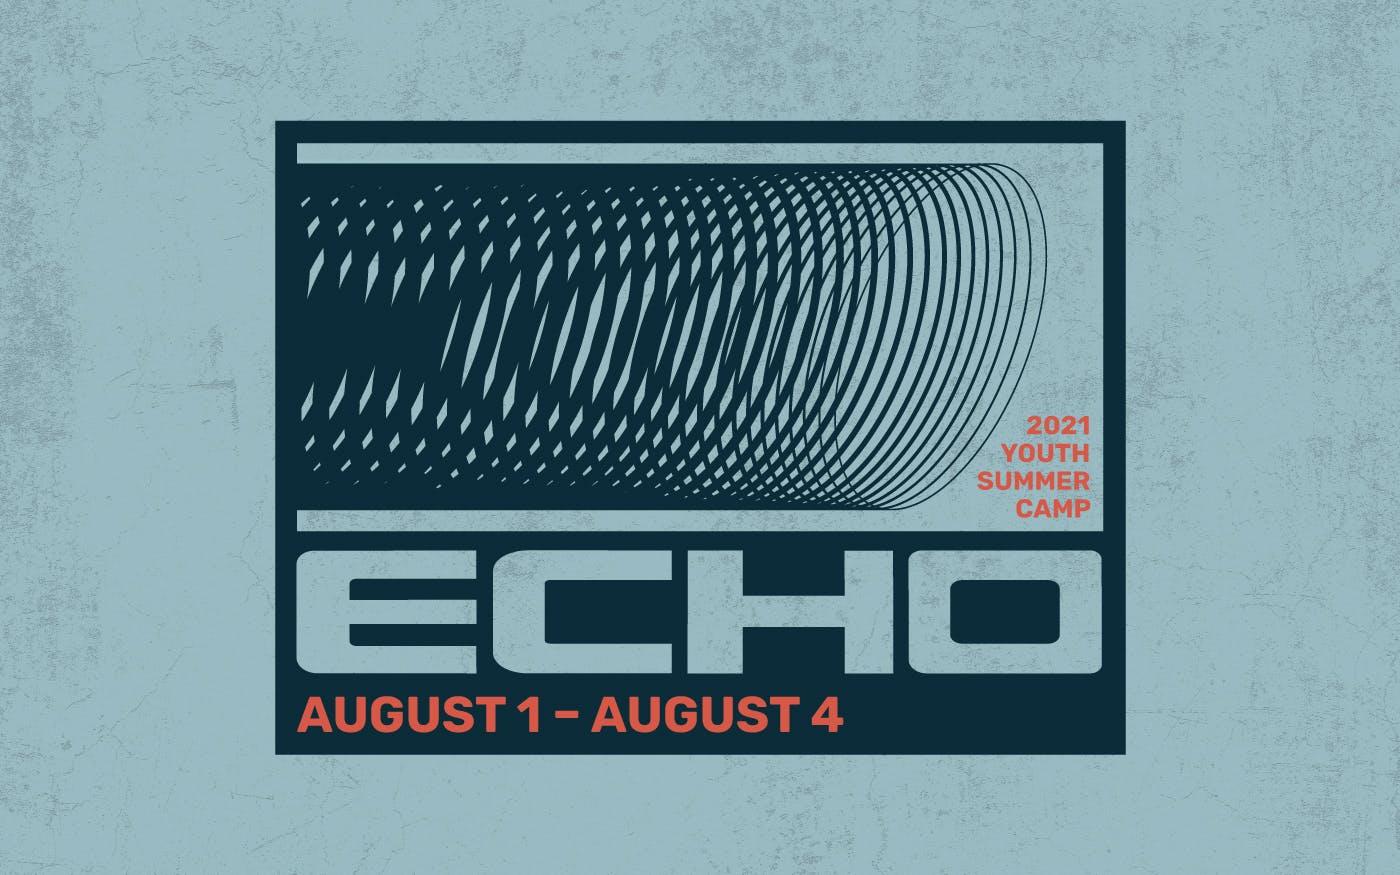 Echo Youth Summer Camp logo